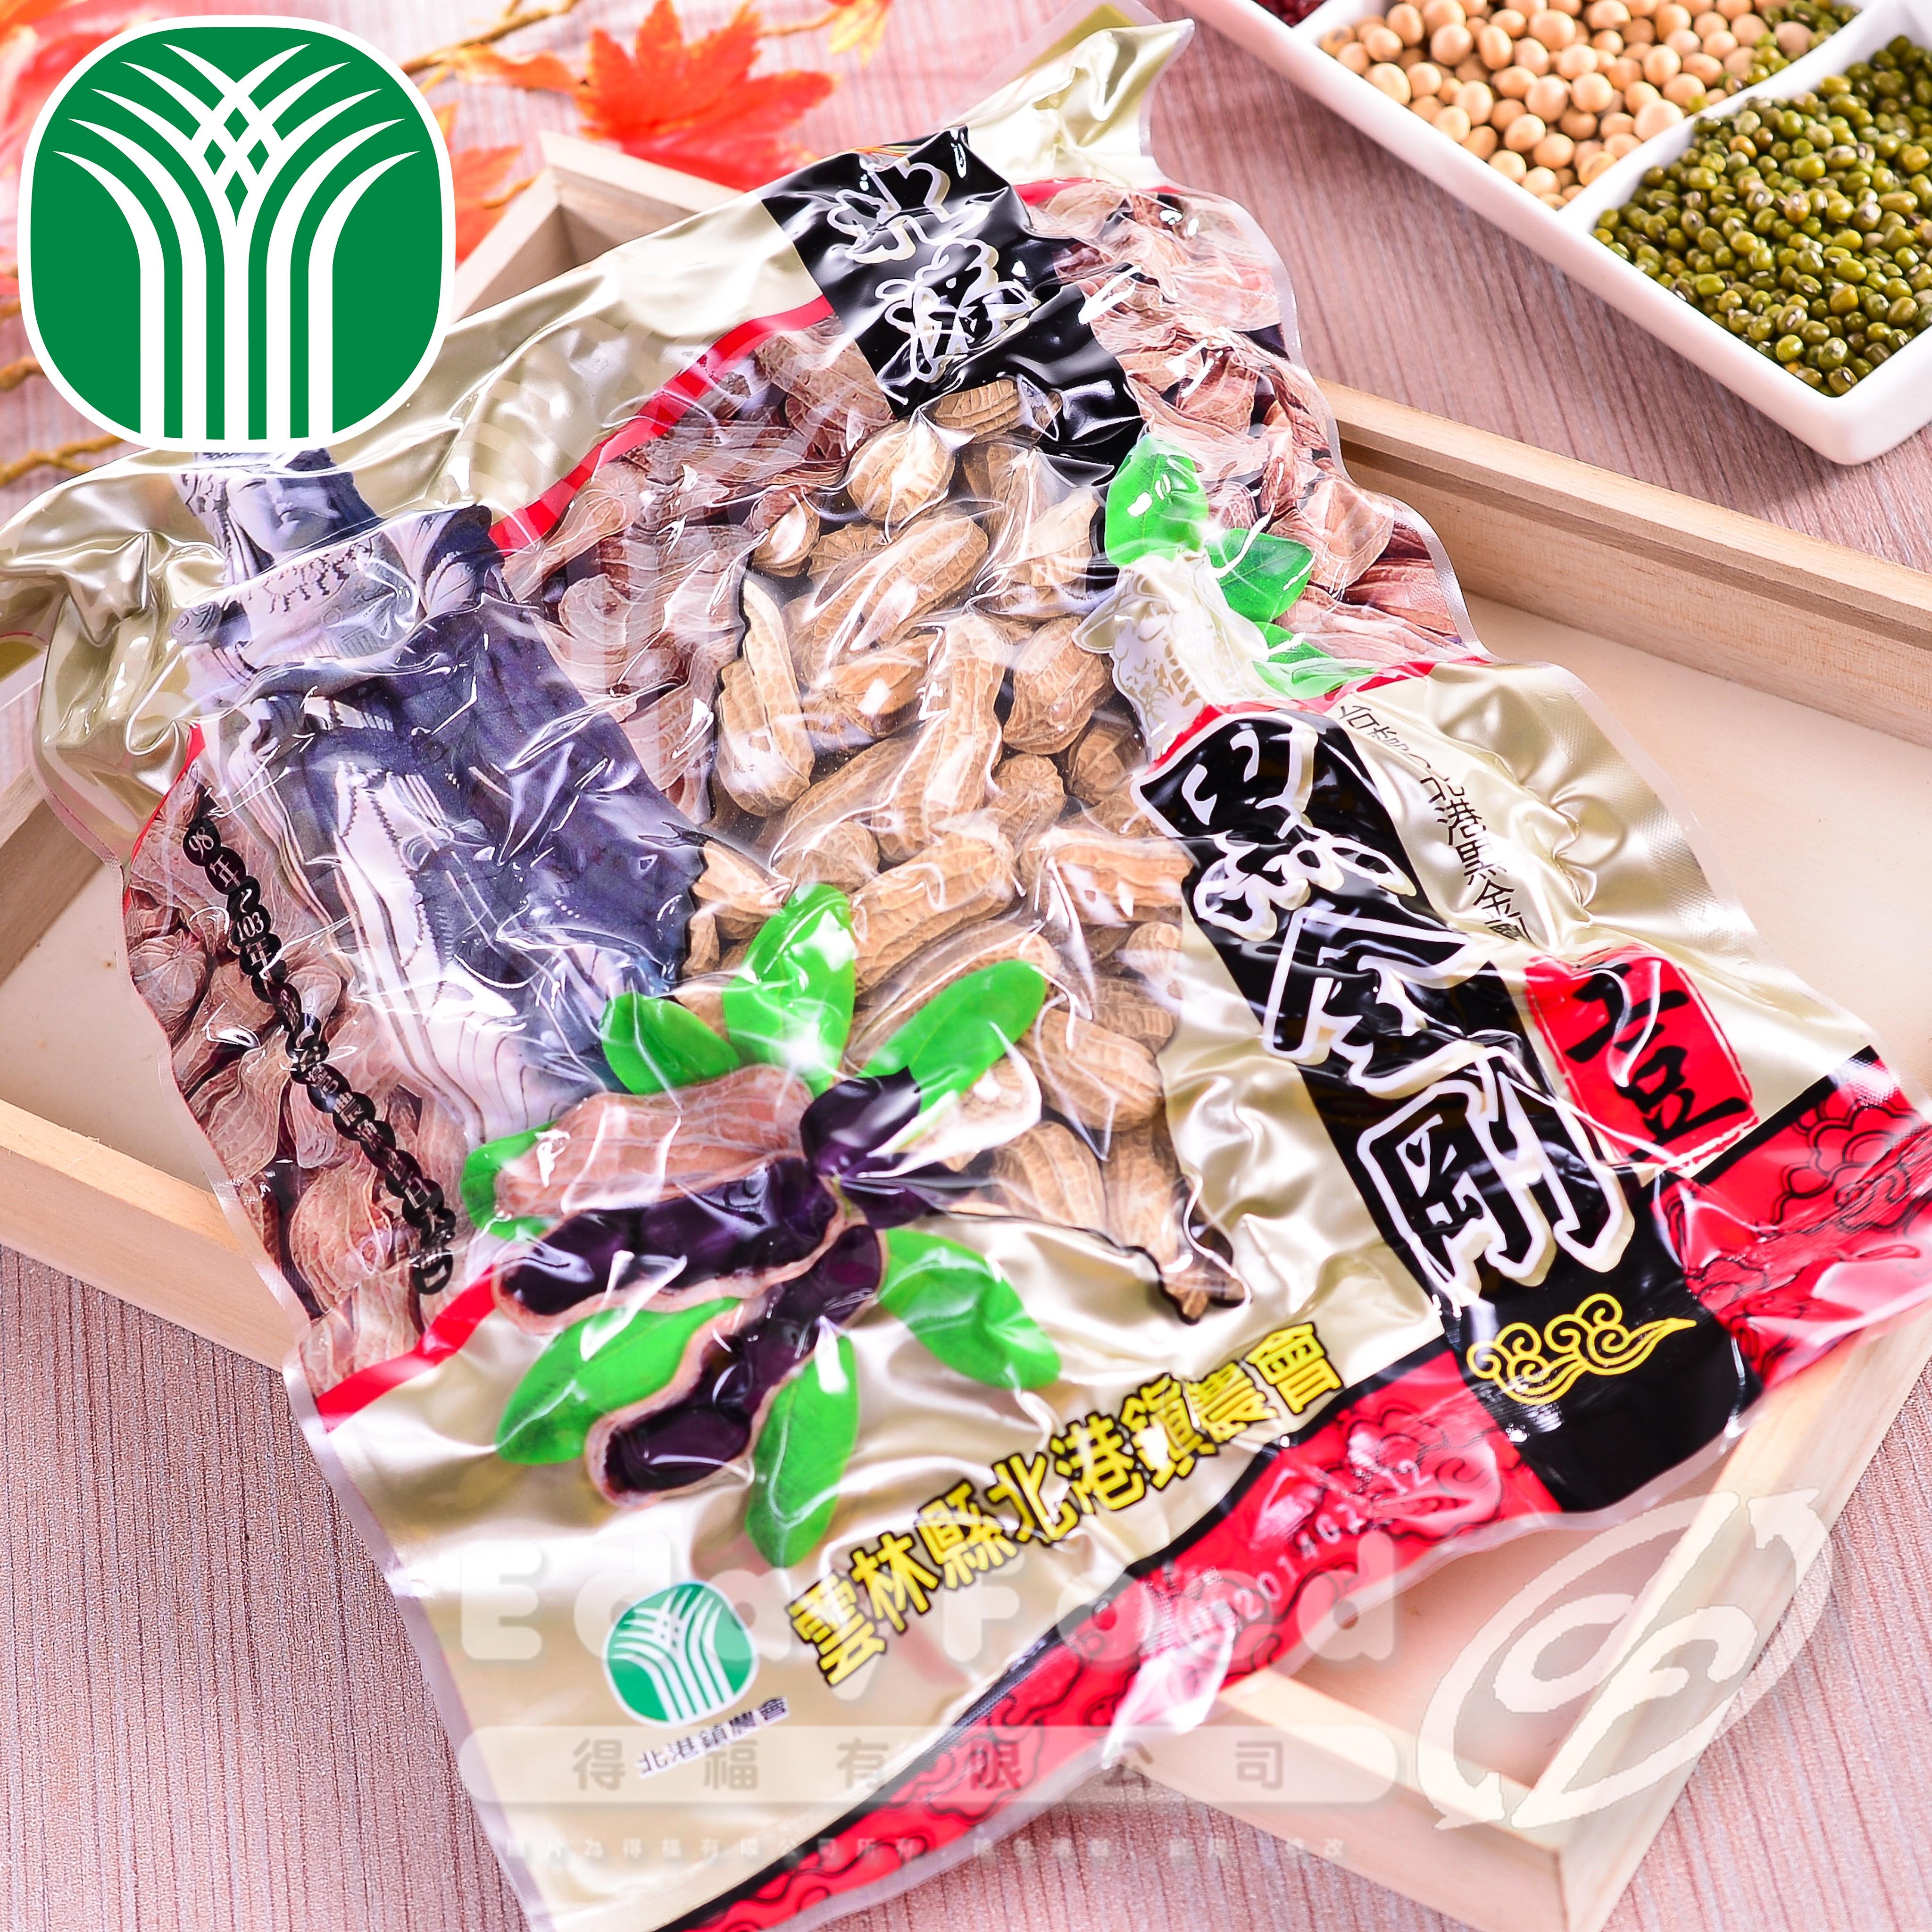 得福【北港農會】黑金剛落花生 2包 (500g/包)